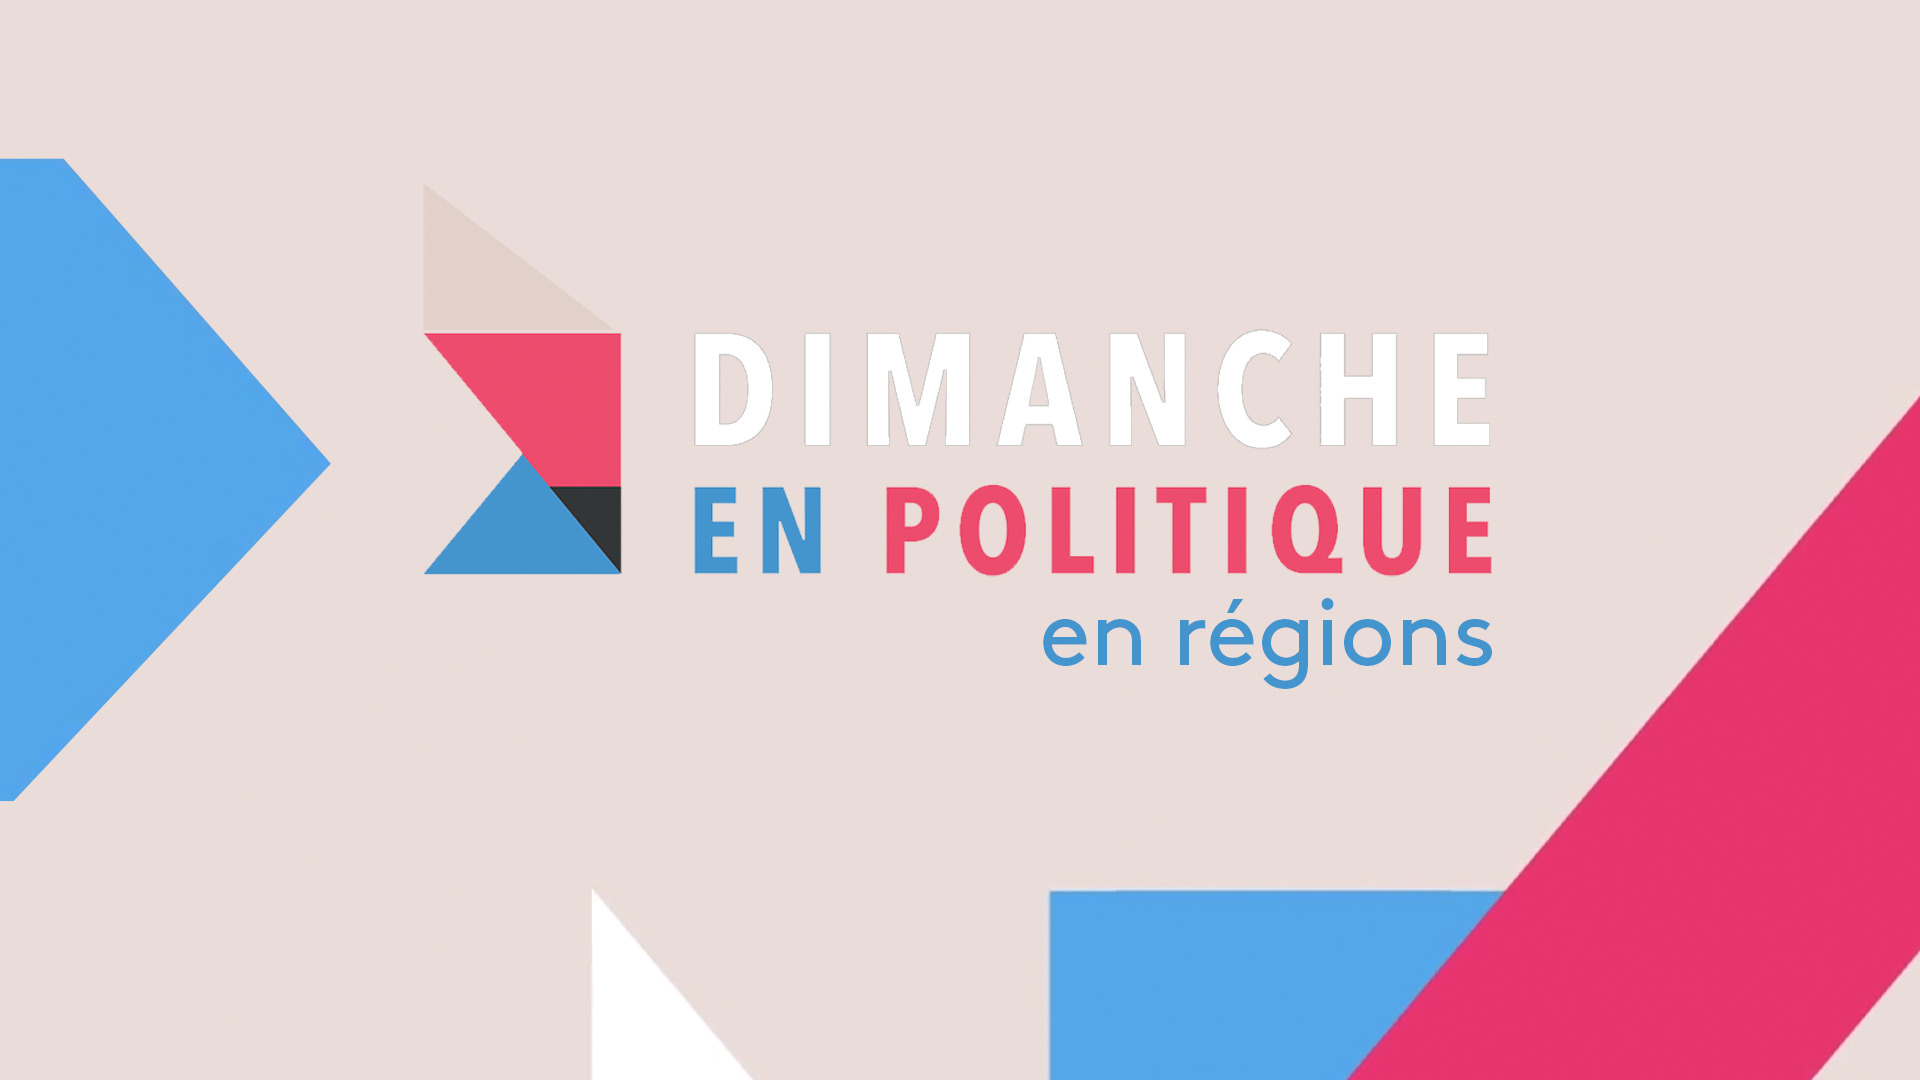 Dimanche en politique en régions